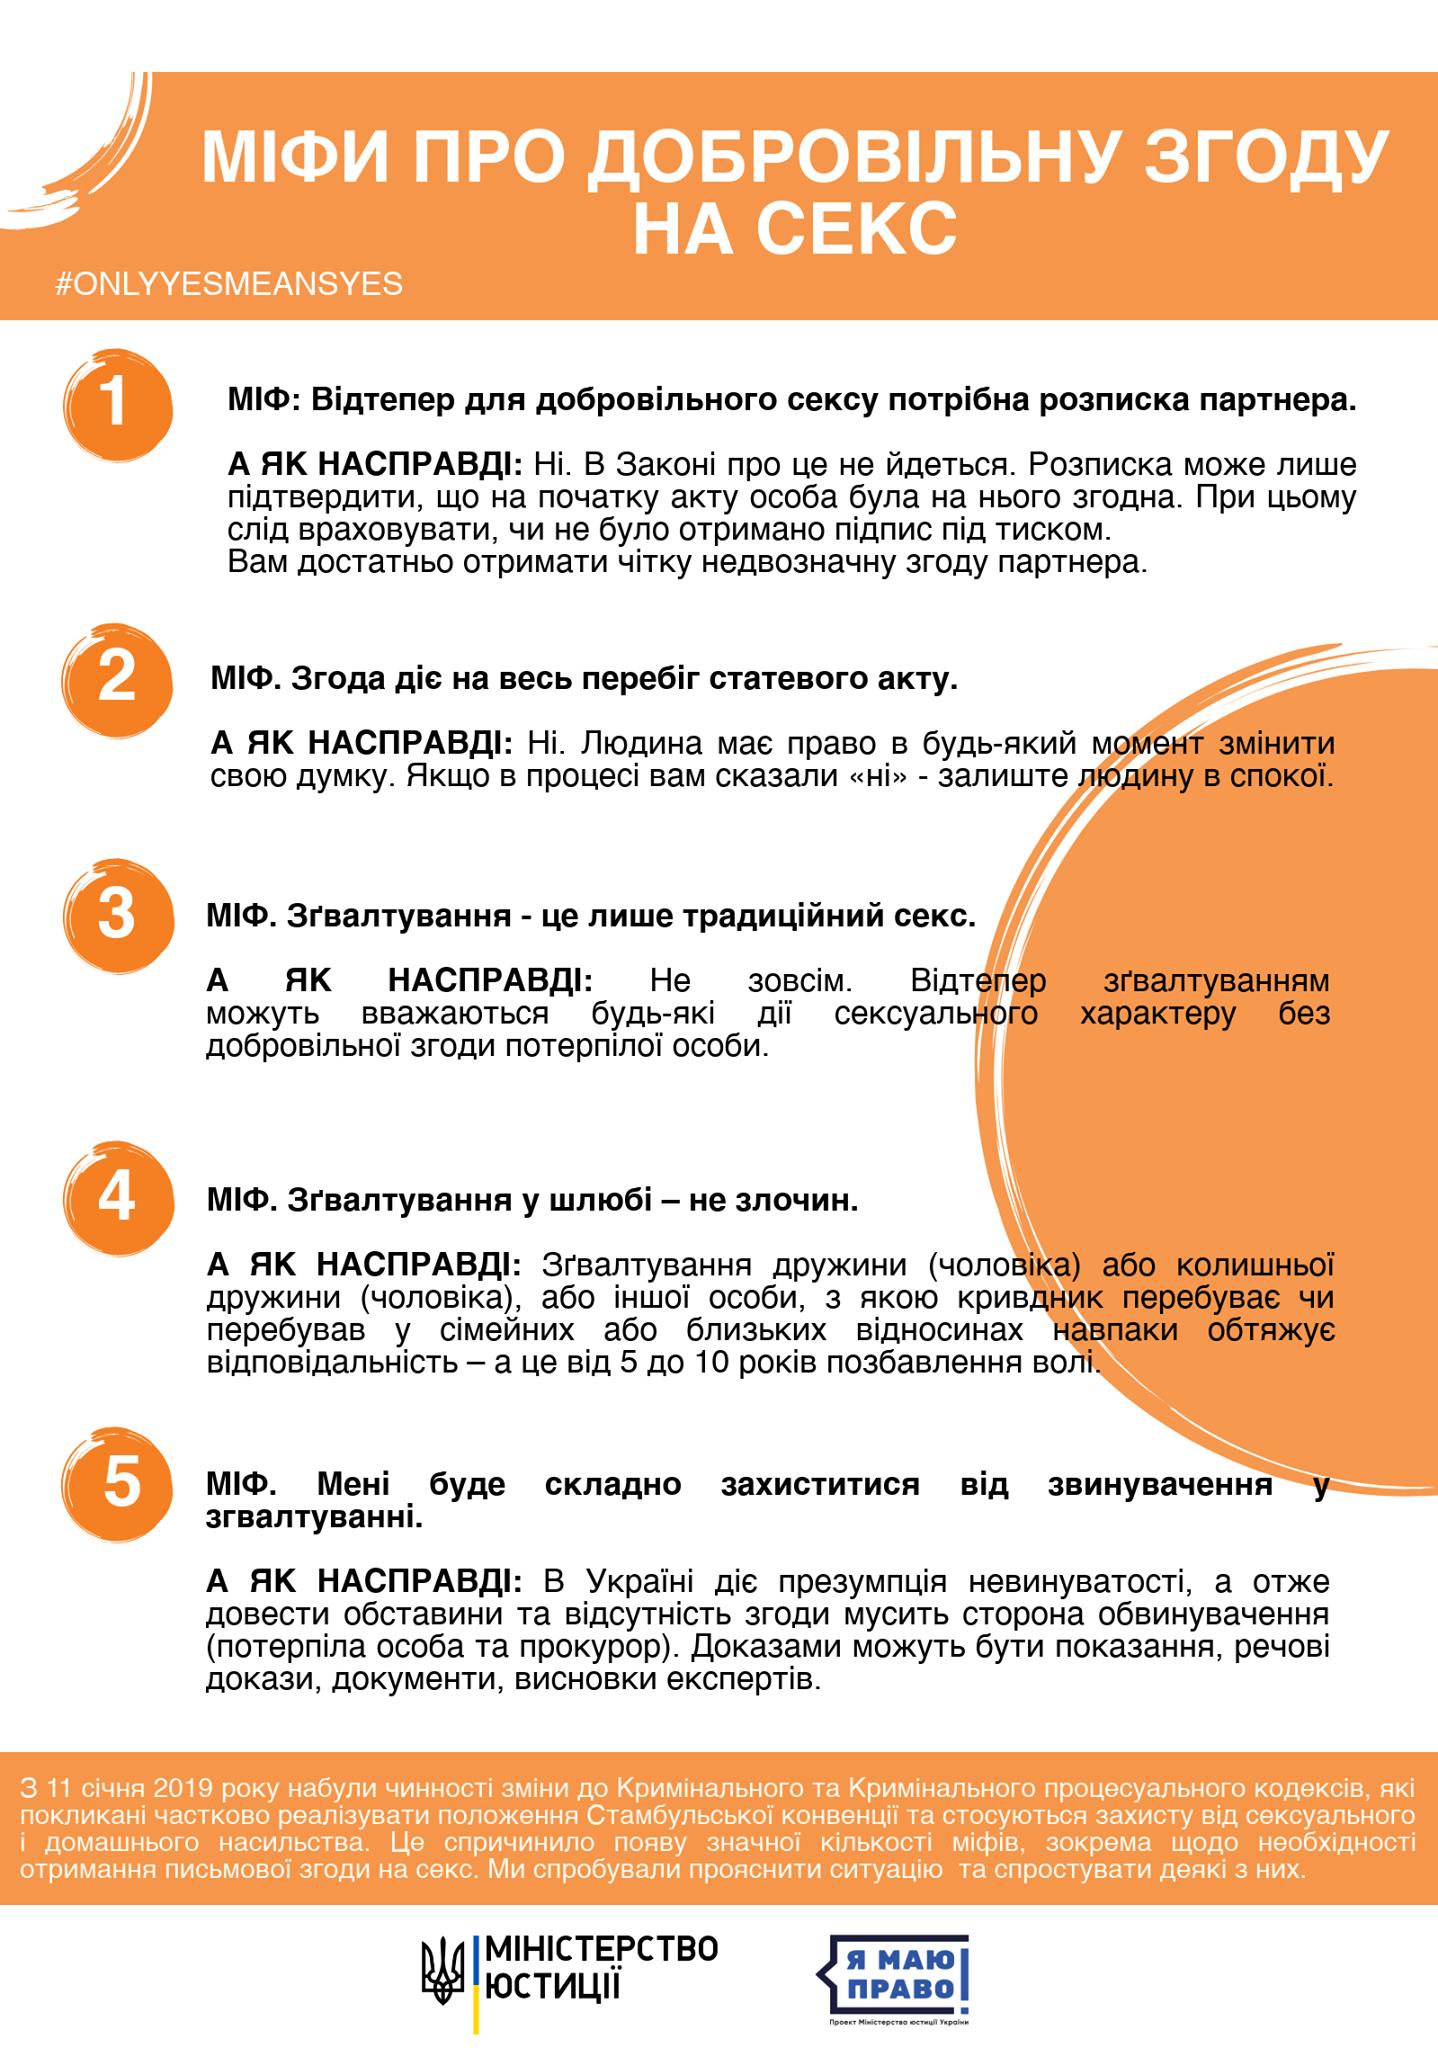 Главные мифы о новом законе в инфографике от Минюста